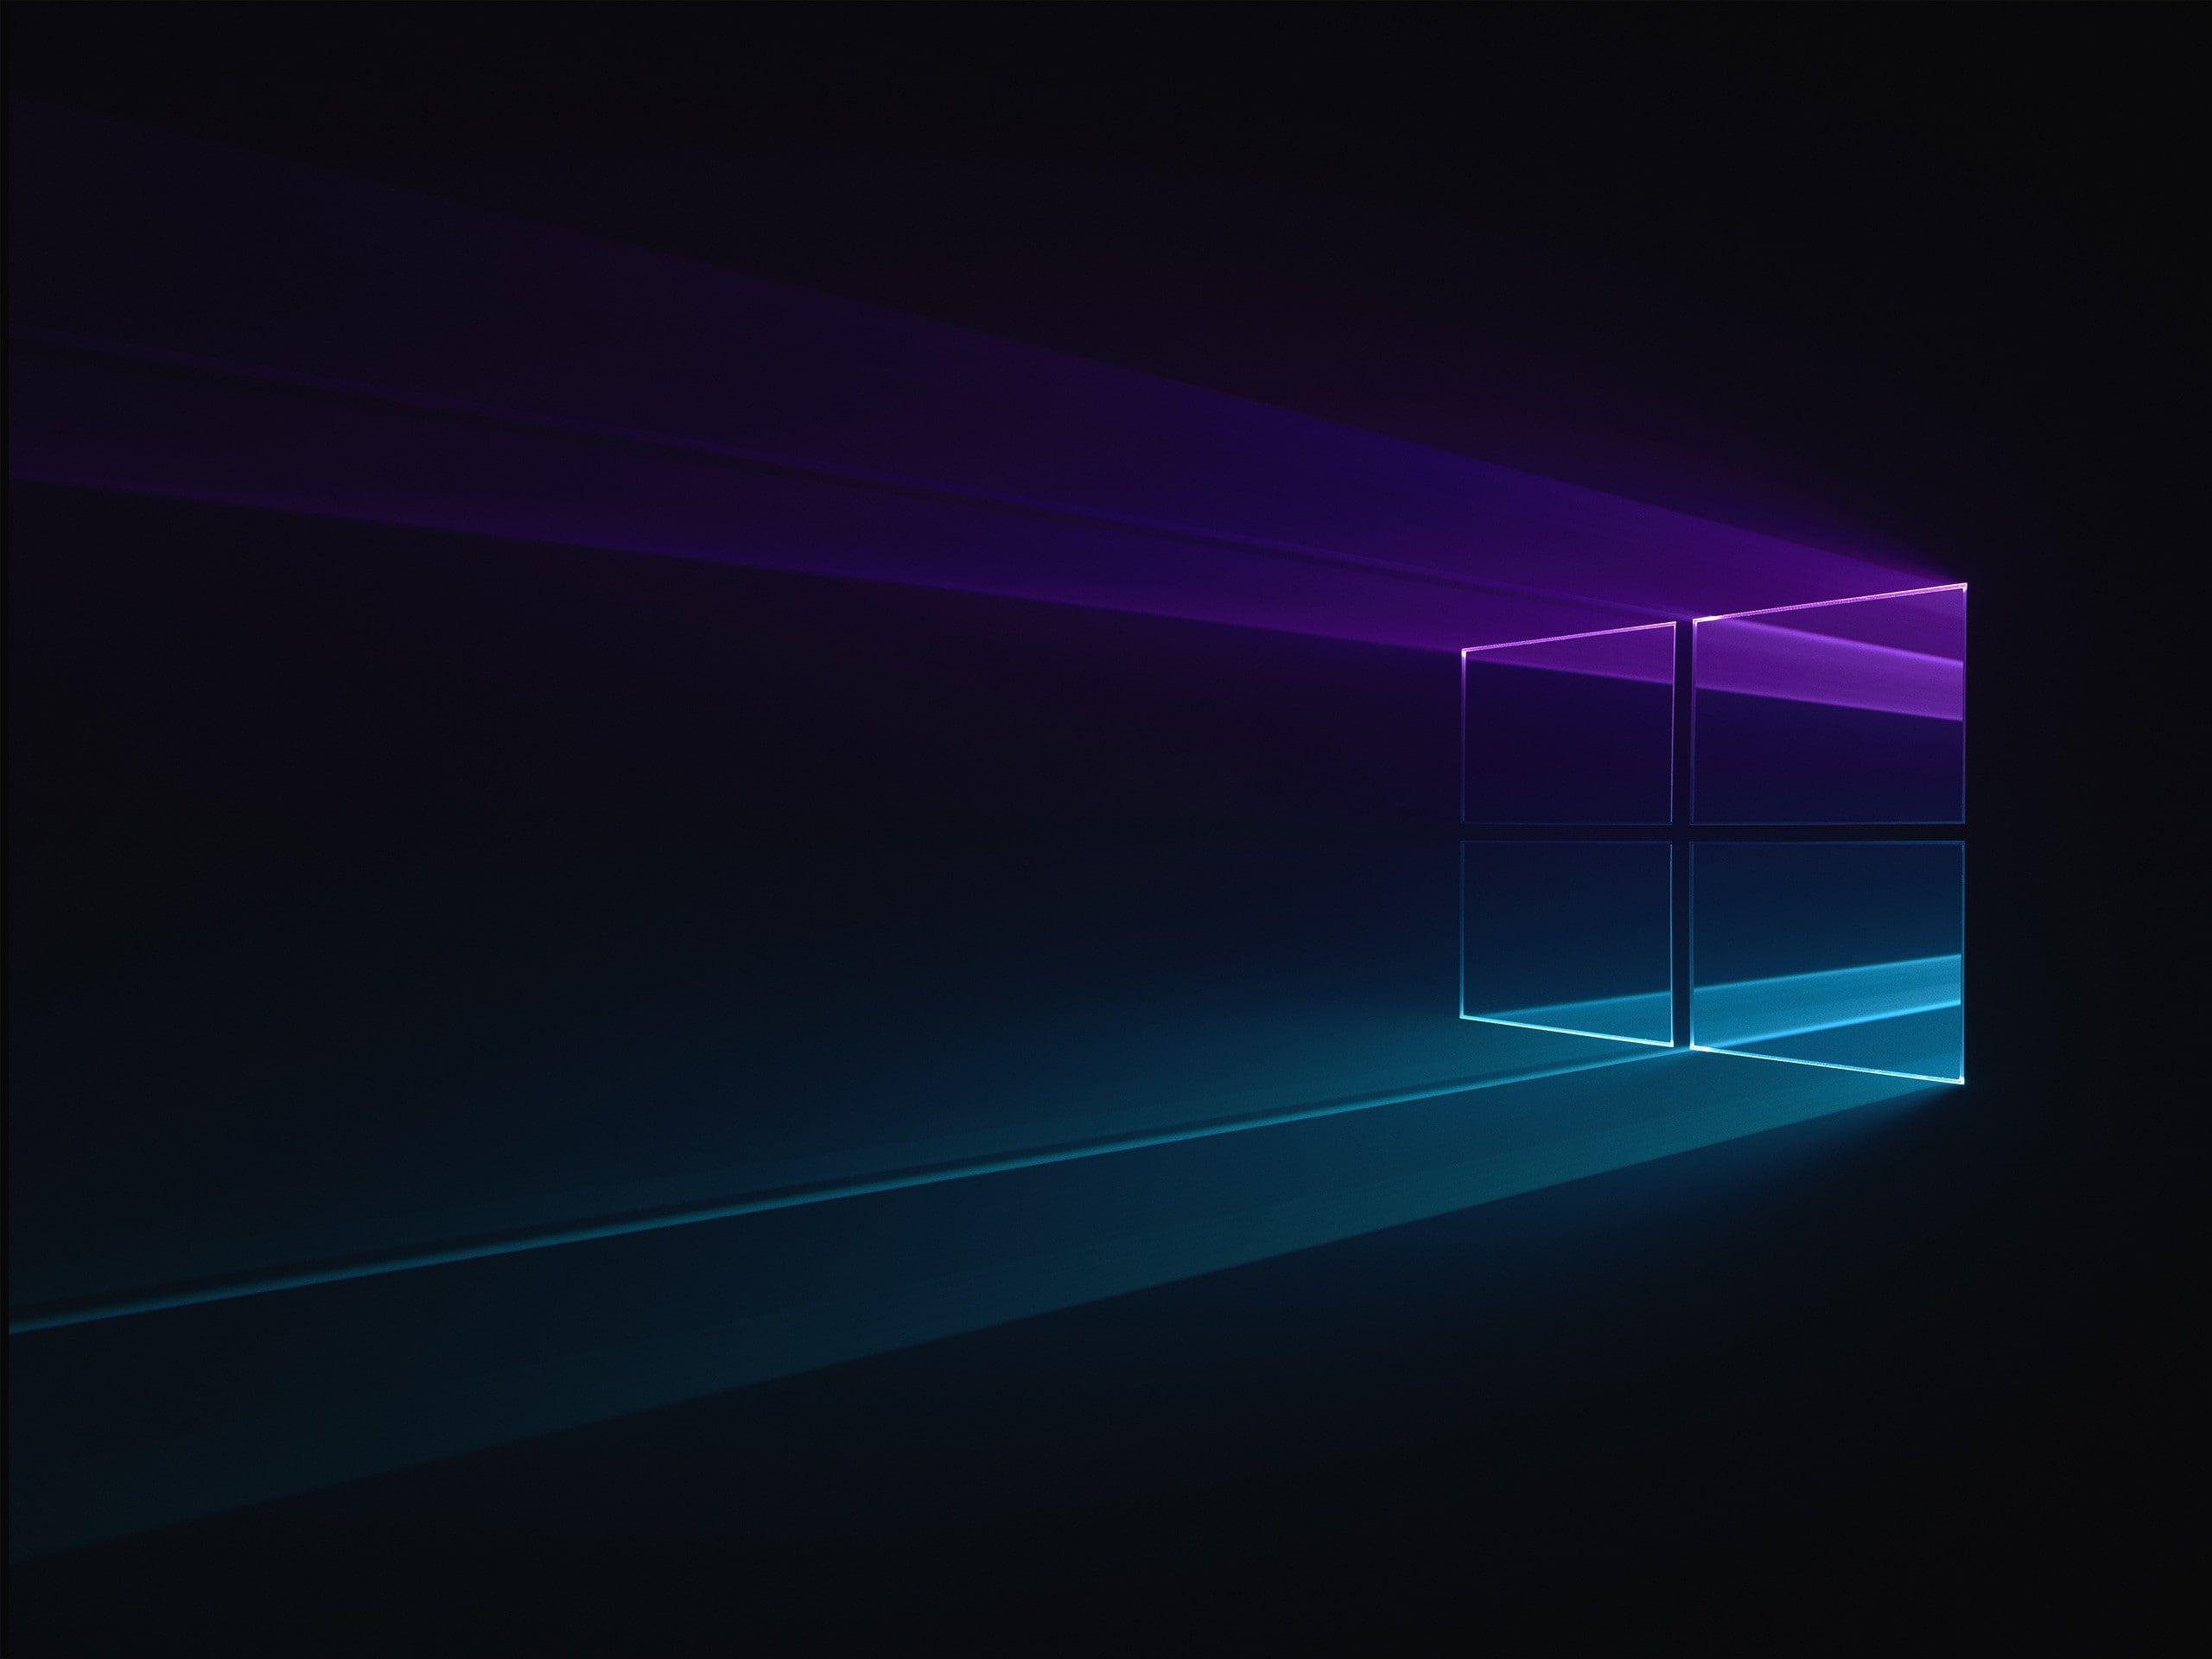 Windows 10 Abstract Gmunk 2k Wallpaper Hdwallpaper Desktop Windows 10 Background Windows Wallpaper Wallpaper Windows 10